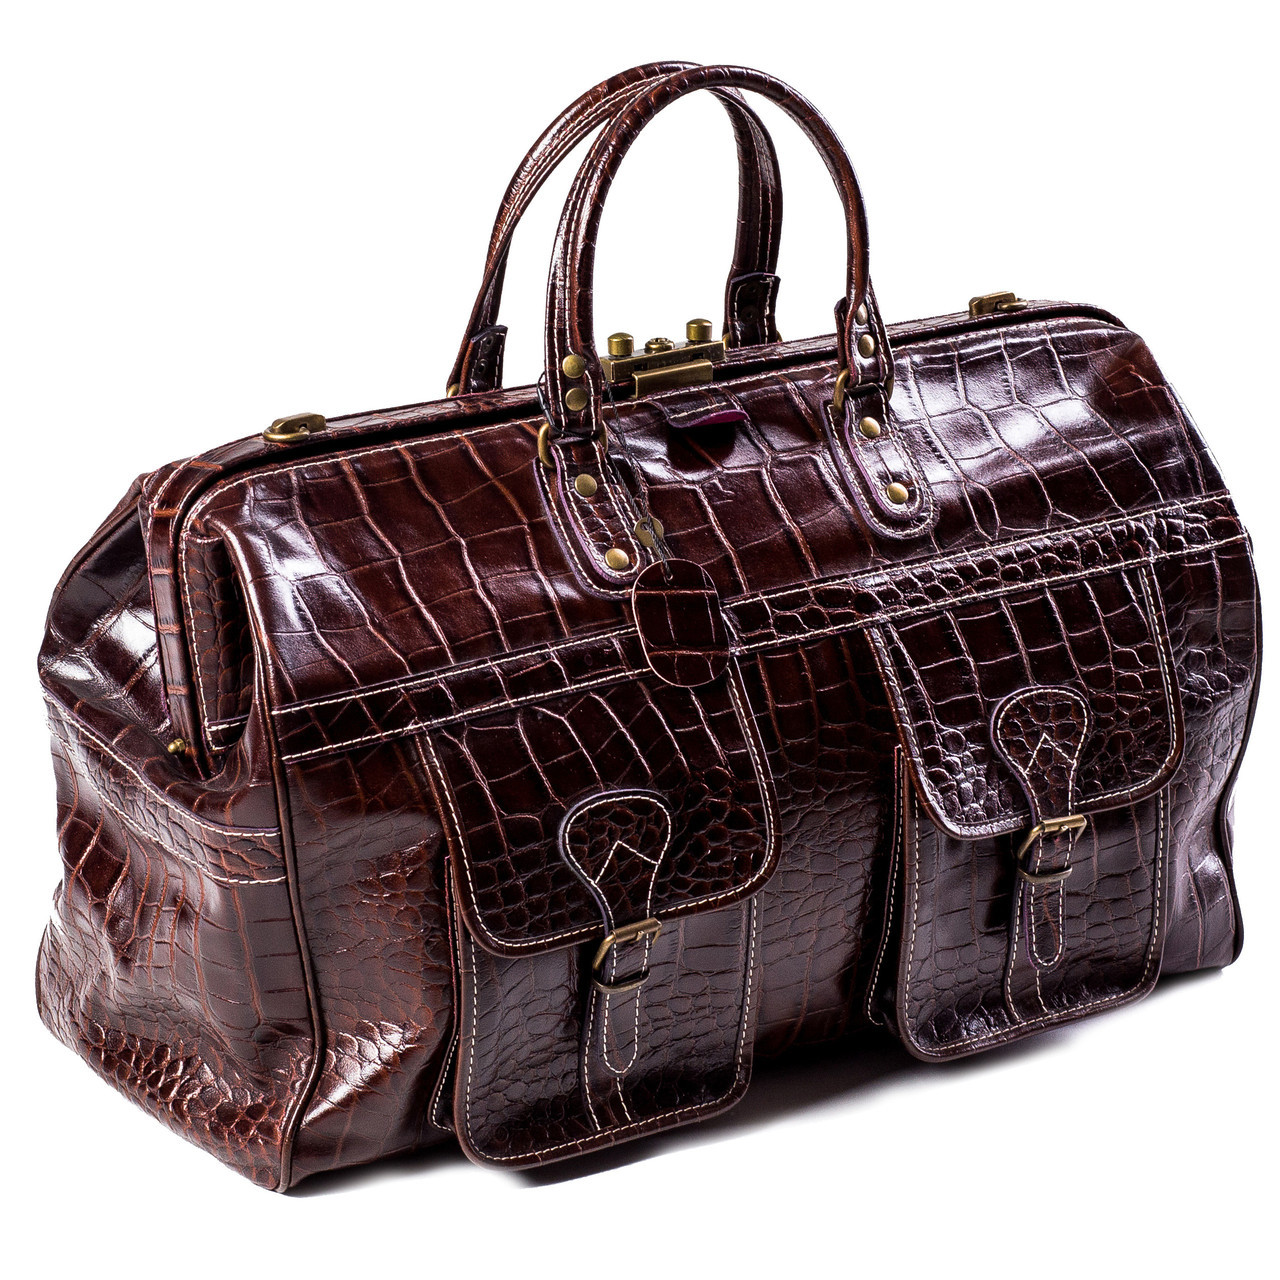 d0b17ae1 Сумка дорожная саквояж кожаный коричневый Eminsa 6519-4-3: продажа ...